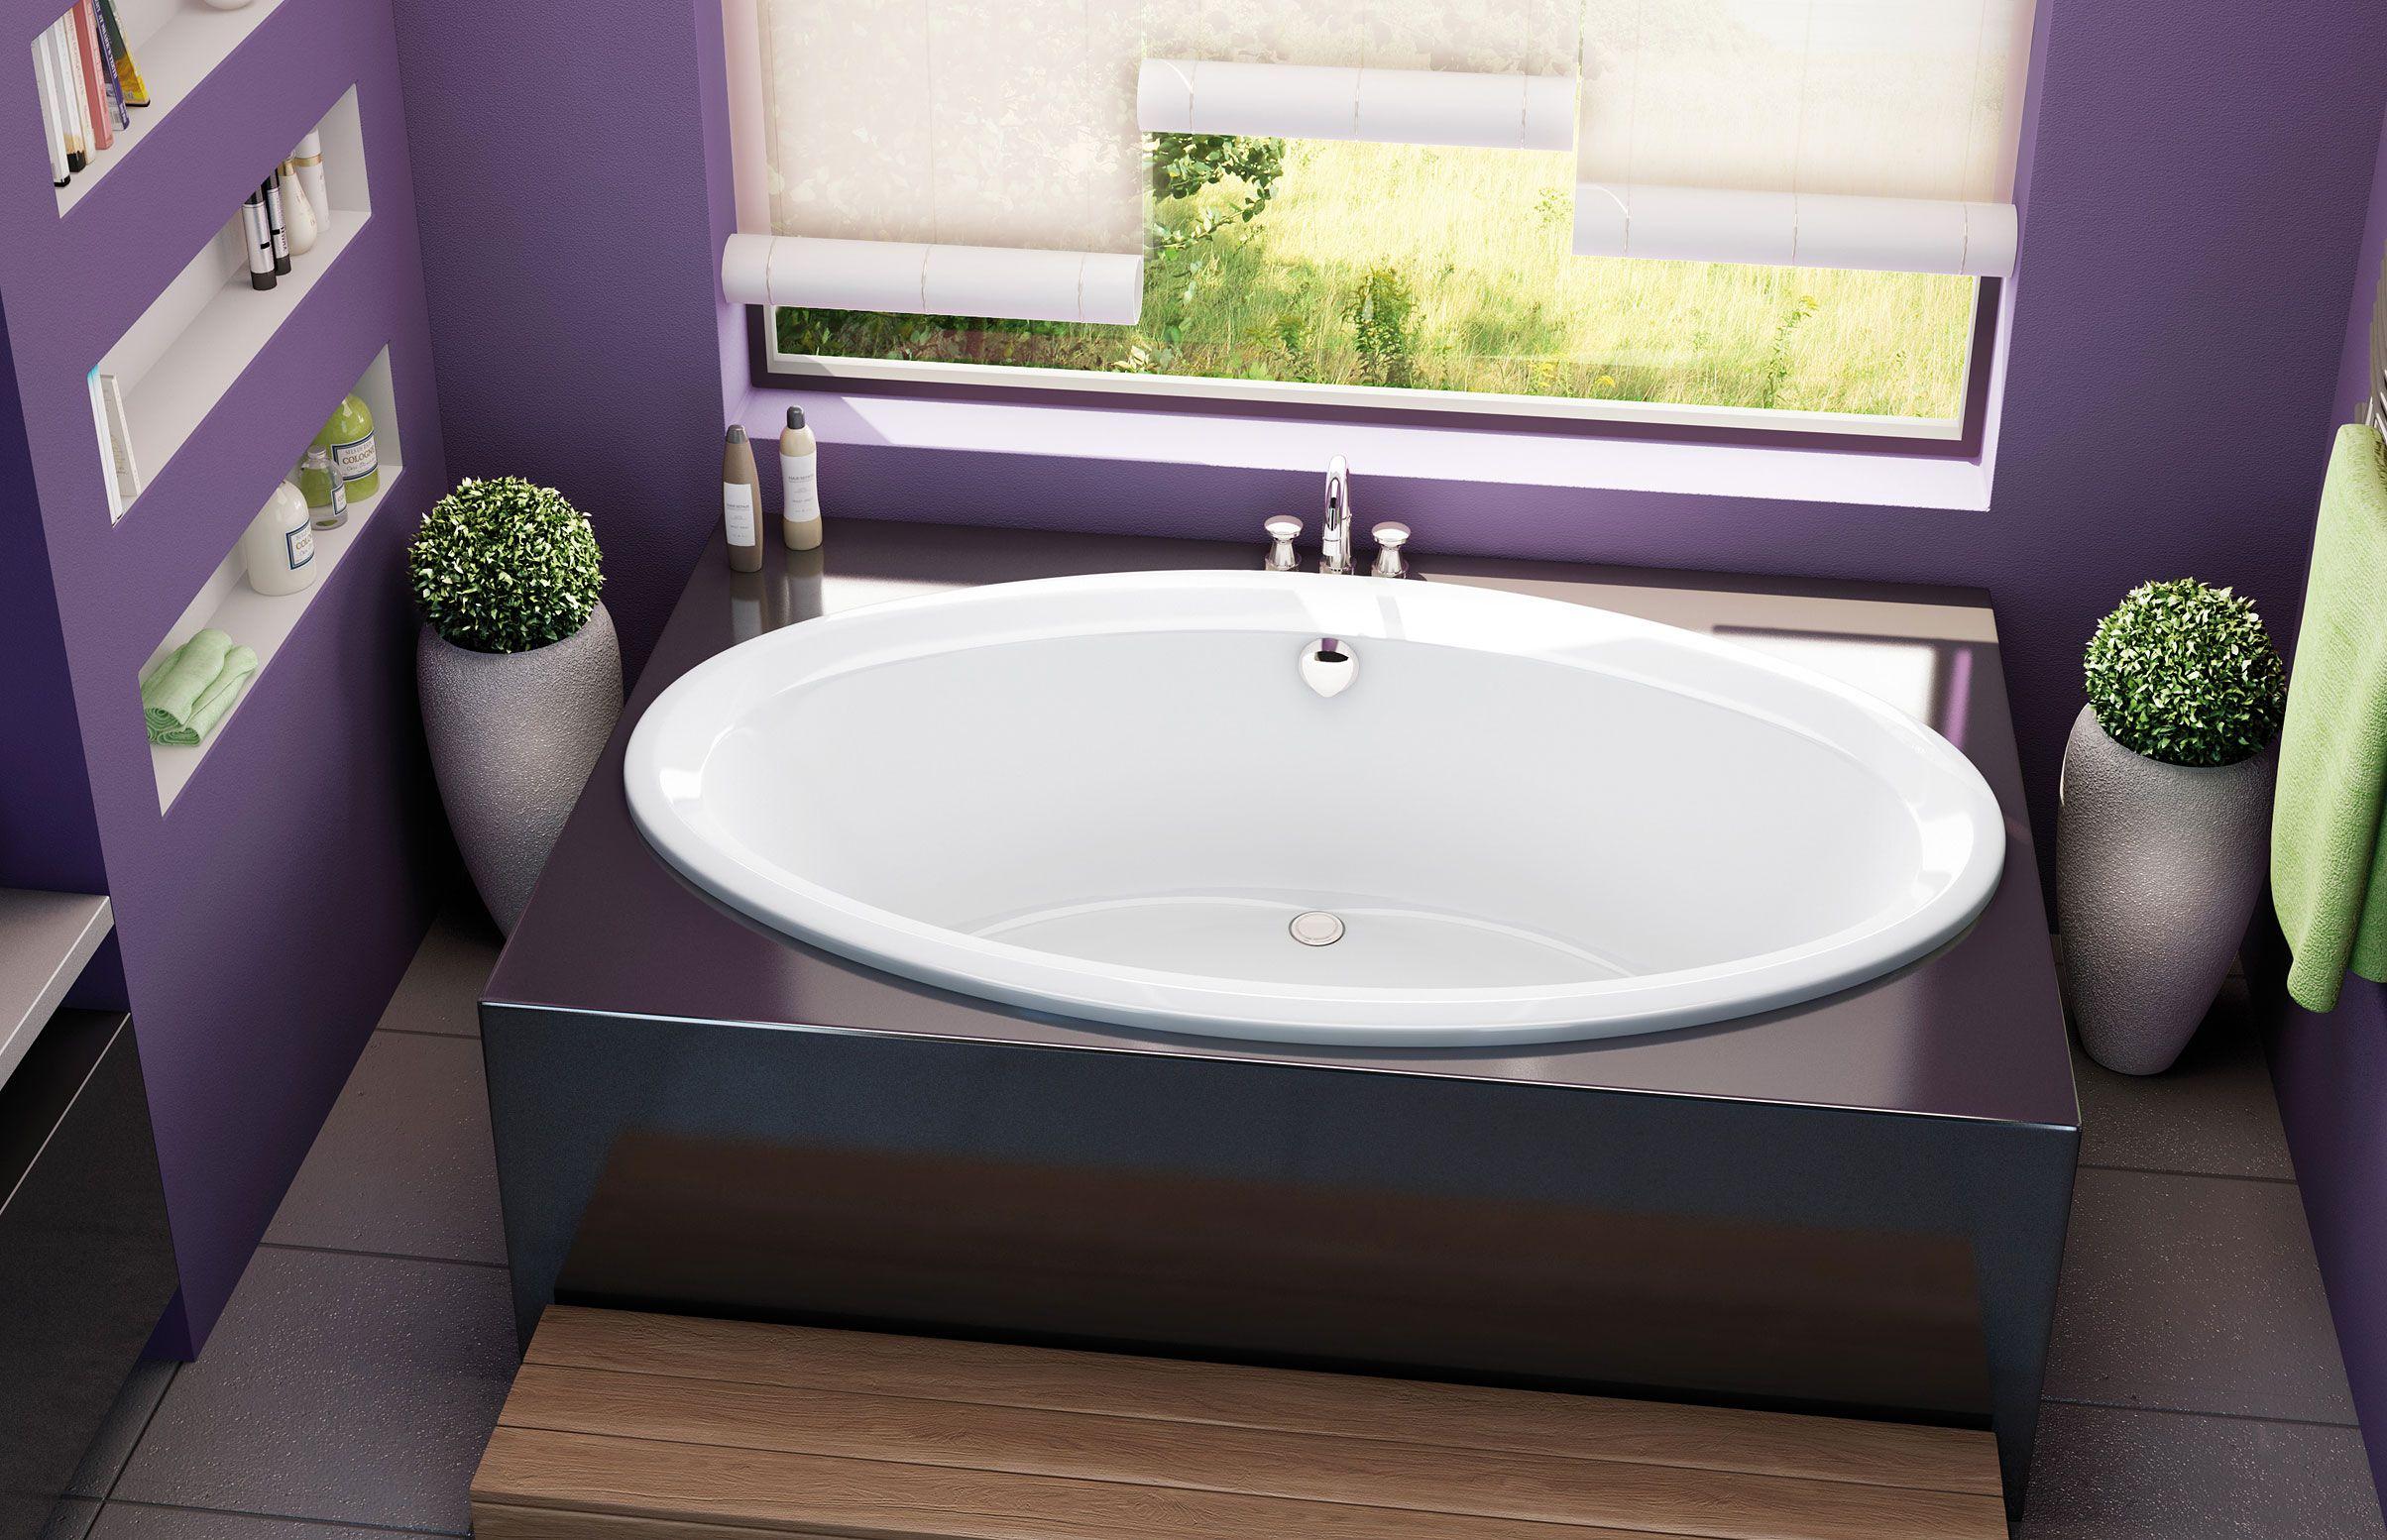 STANDARD MASTER BATHTUB PLANS 2, 3 4 & 5- -TYMPANI Drop-in bathtub ...